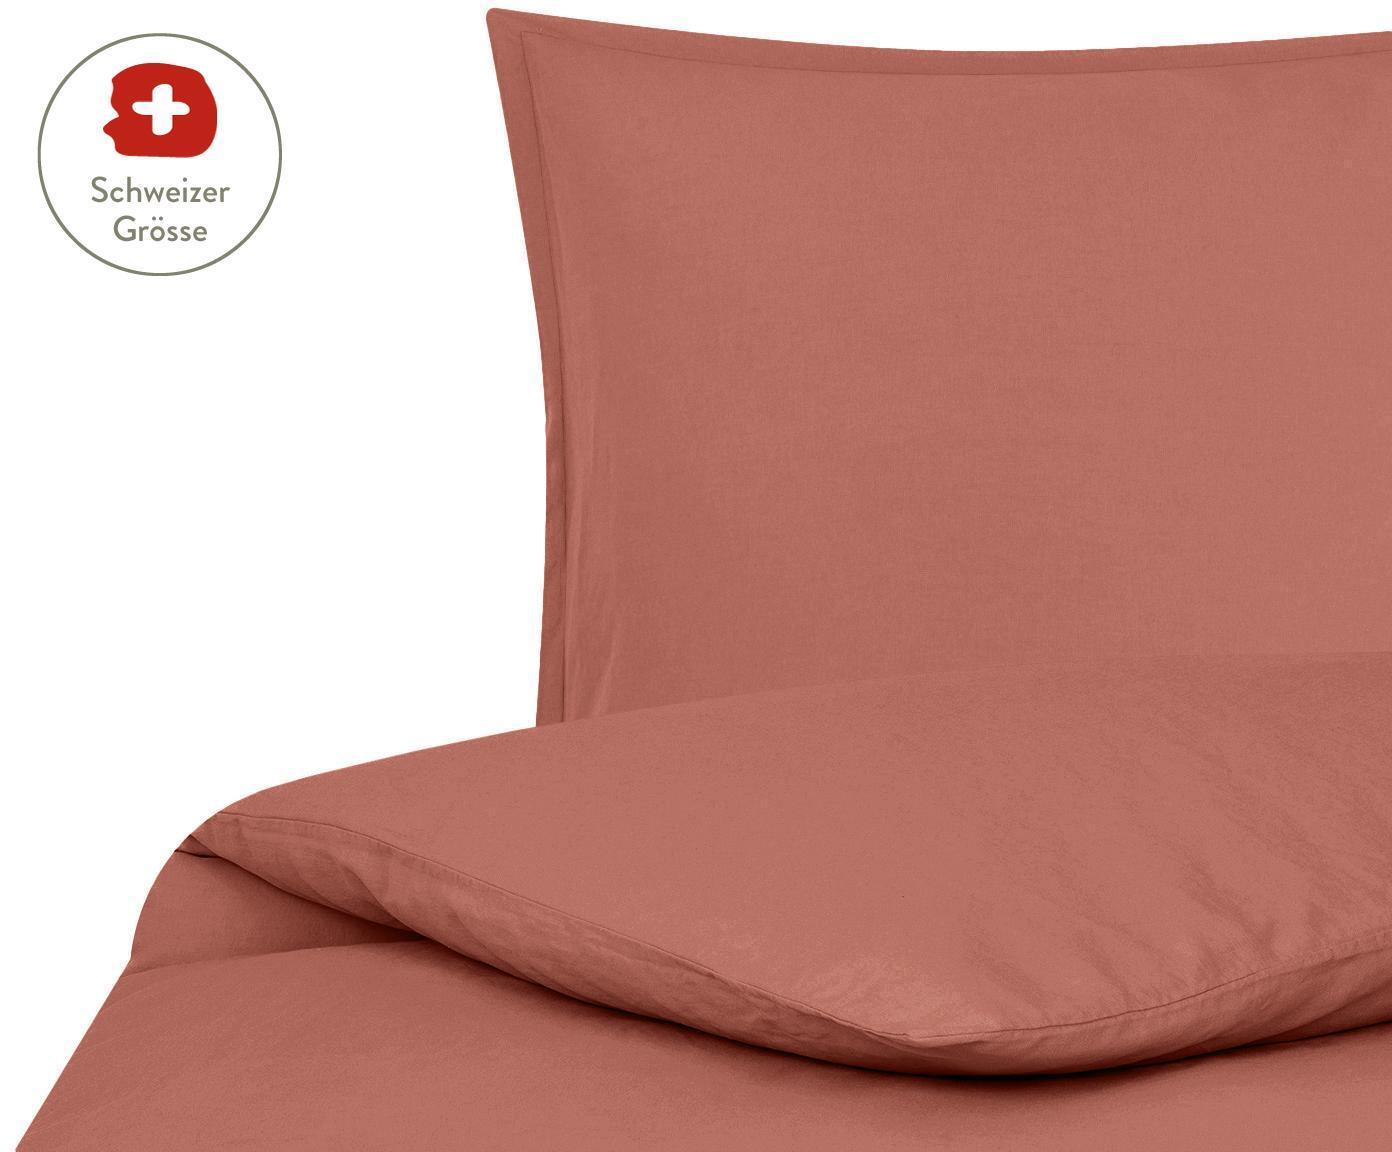 Gewaschener Leinen-Bettdeckenbezug Nature in Terrakotta, 52% Leinen, 48% Baumwolle Mit Stonewash-Effekt, Terrakotta, 160 x 210 cm